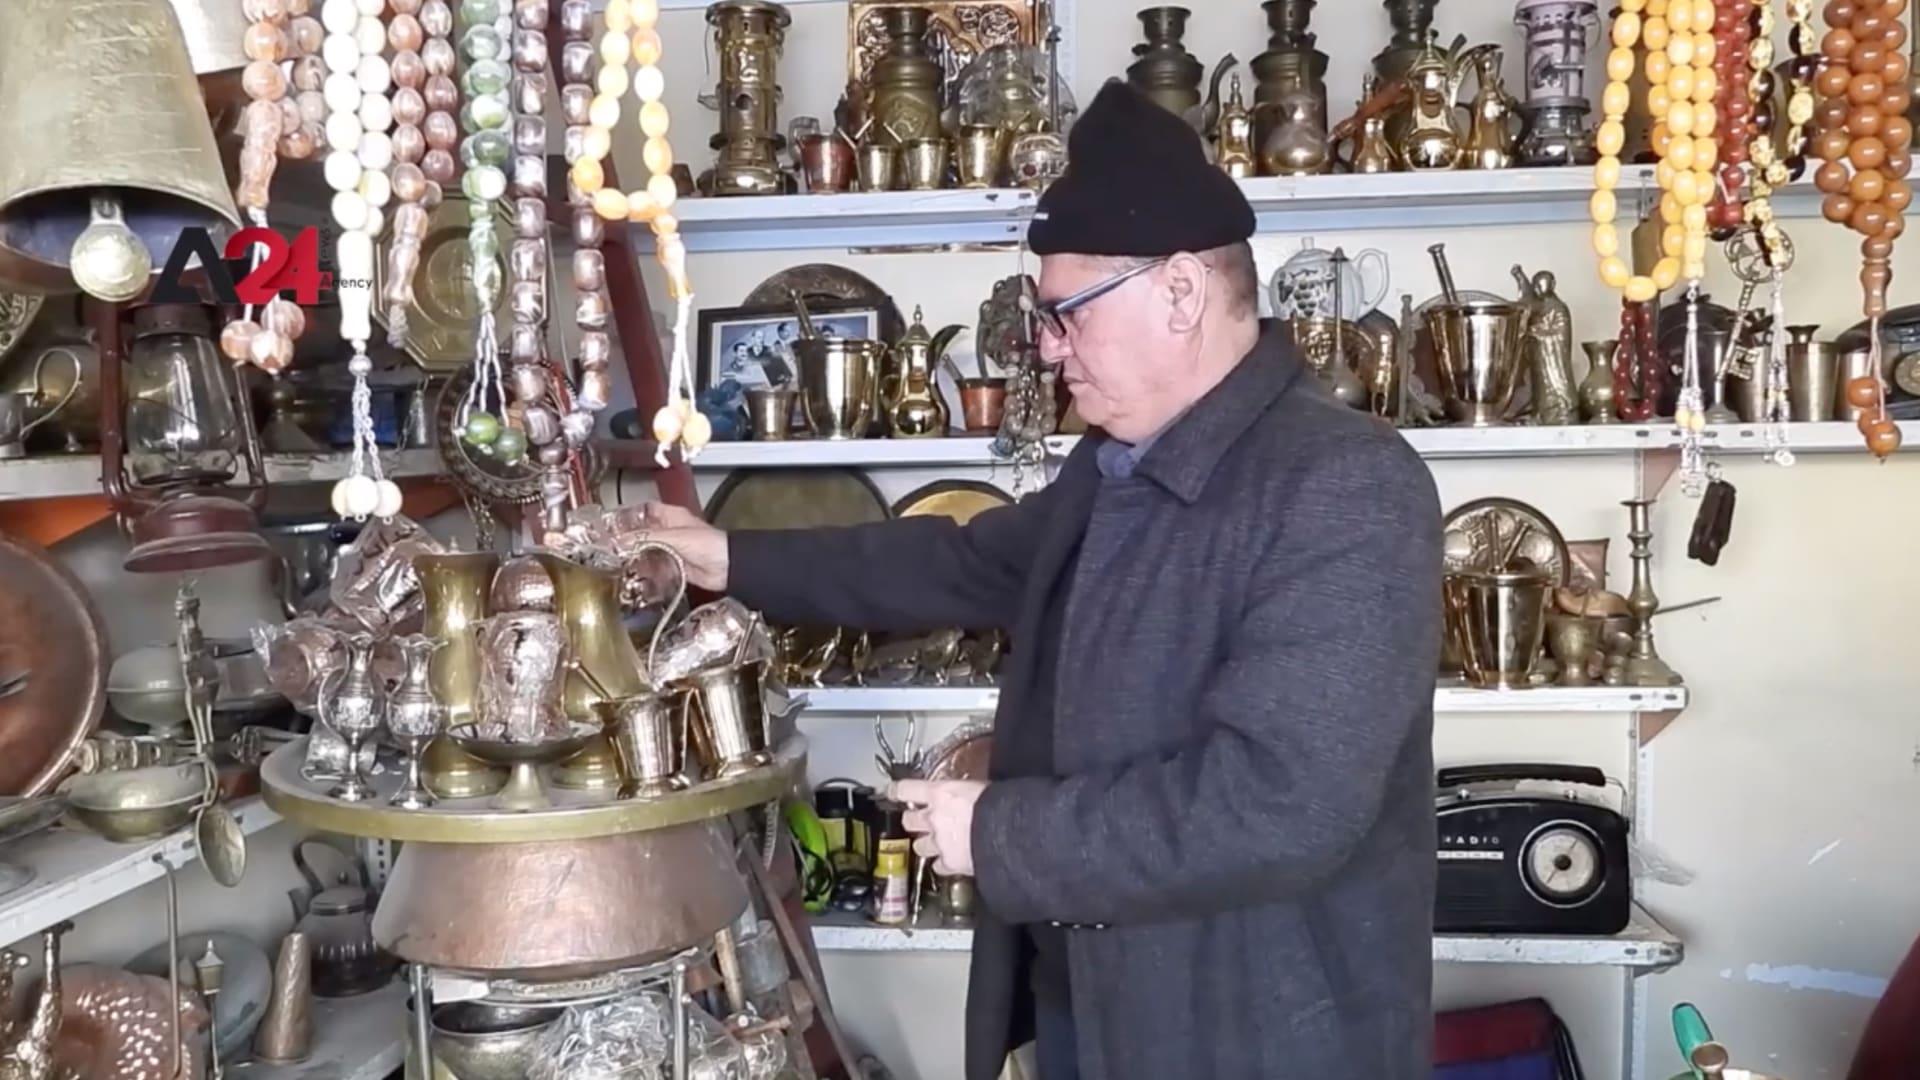 يقصدها عشاق اقتناء التحف النادرة.. جولة في حوانيت النحاسين بالسليمانية في العراق